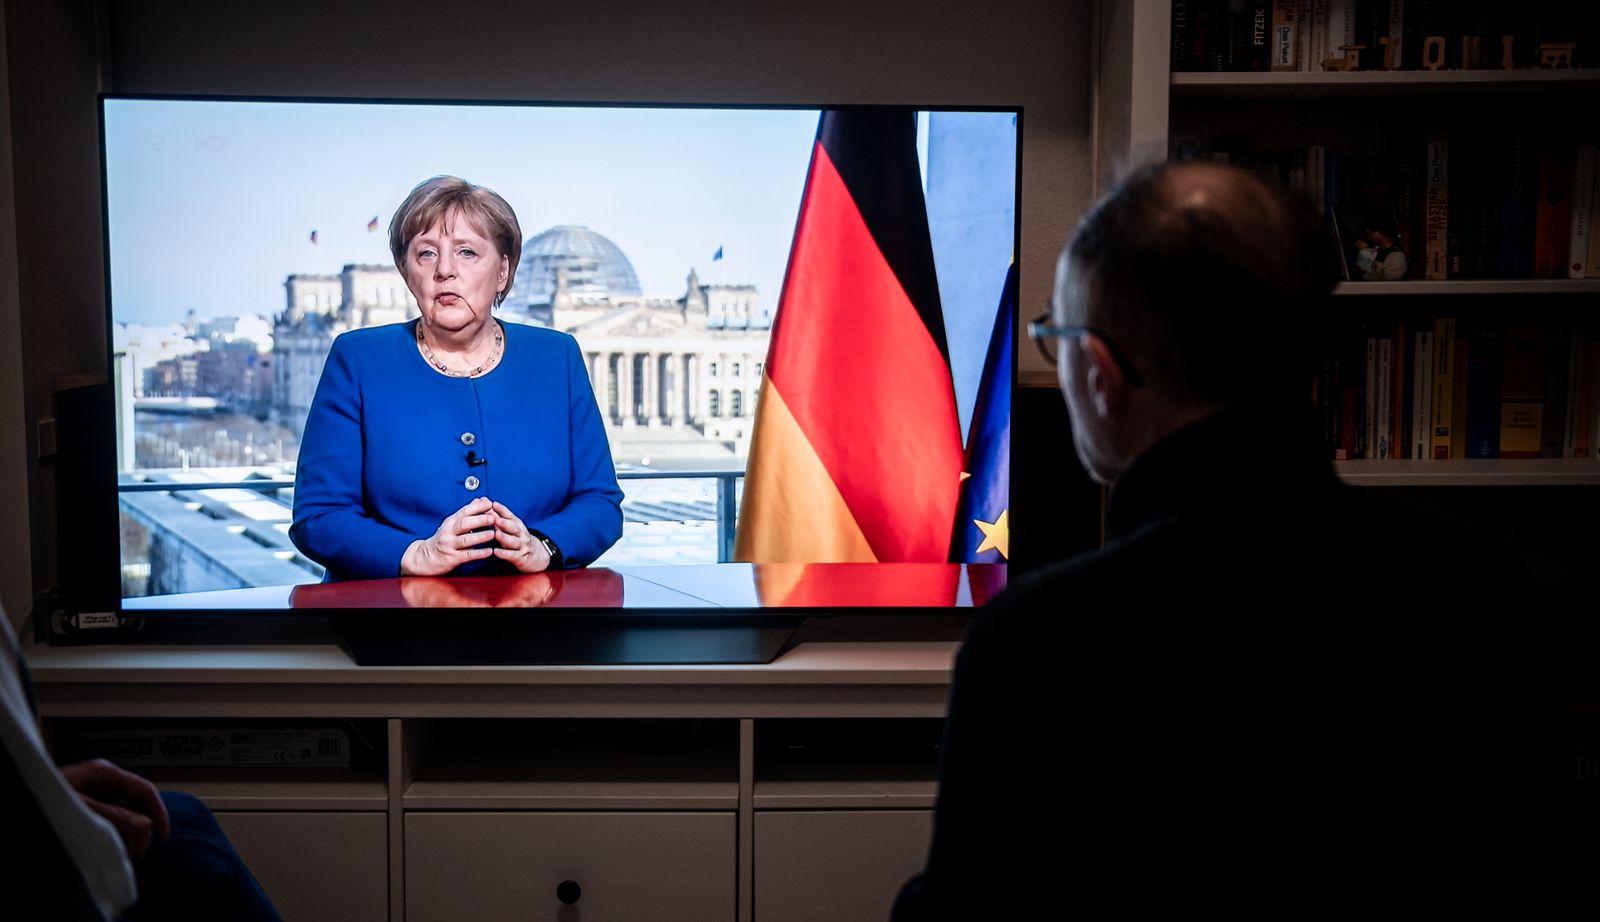 Coronavirus - Merkel hält Fernsehansprache